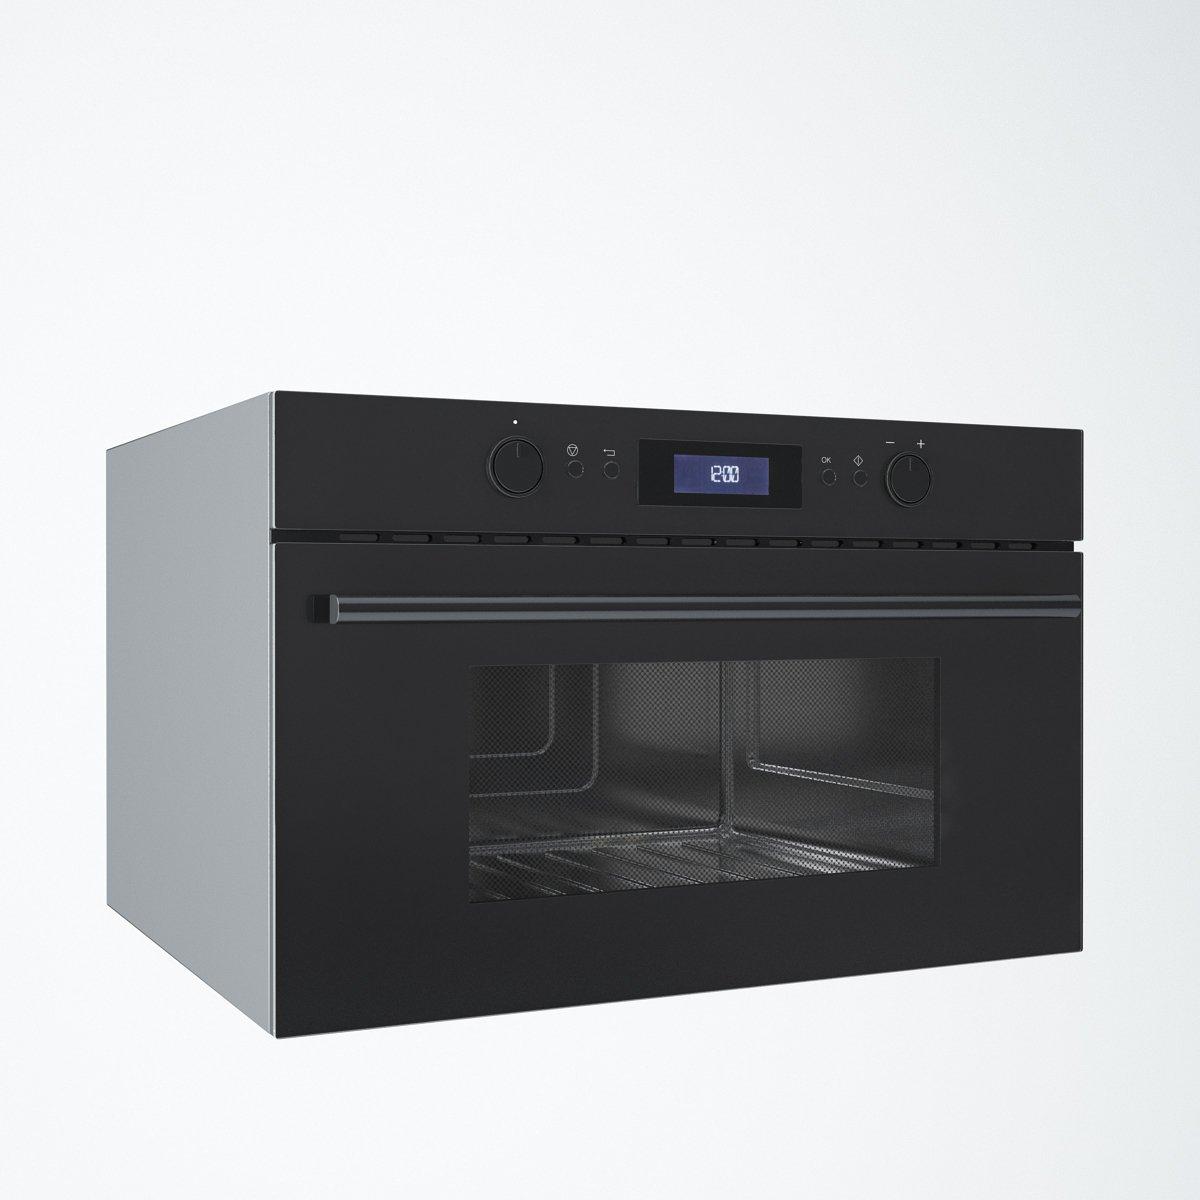 Ikea Bejublad Microwave Modello 3D in Utensili Cucina 3DExport